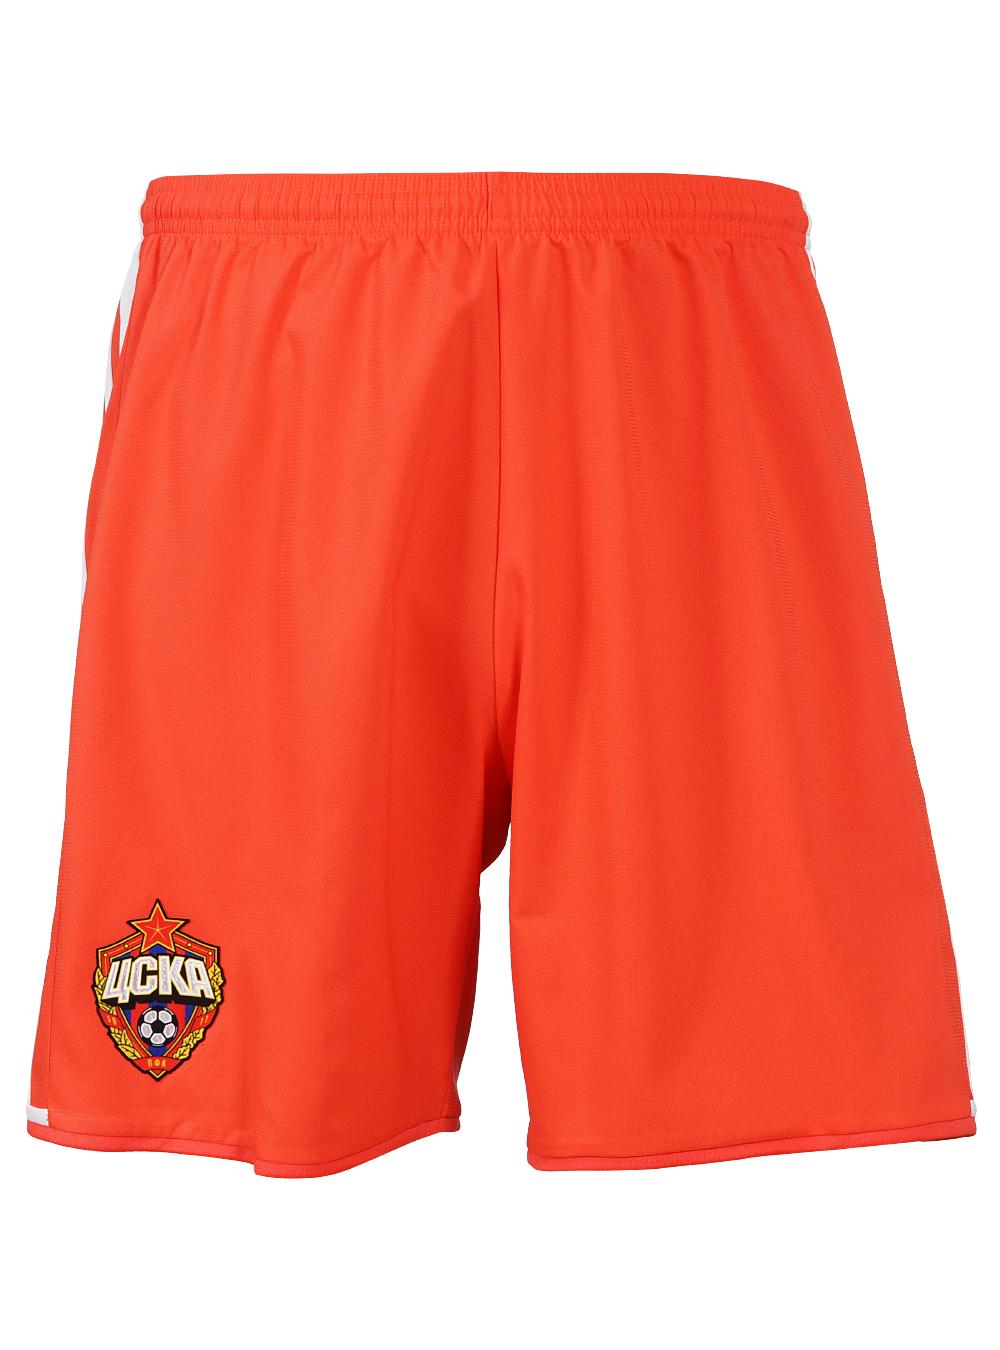 Вратарские шорты, цвет оранжевый (XL)Вратарская форма 2017/2018<br>Вратарские шорты, цвет оранжевый<br>